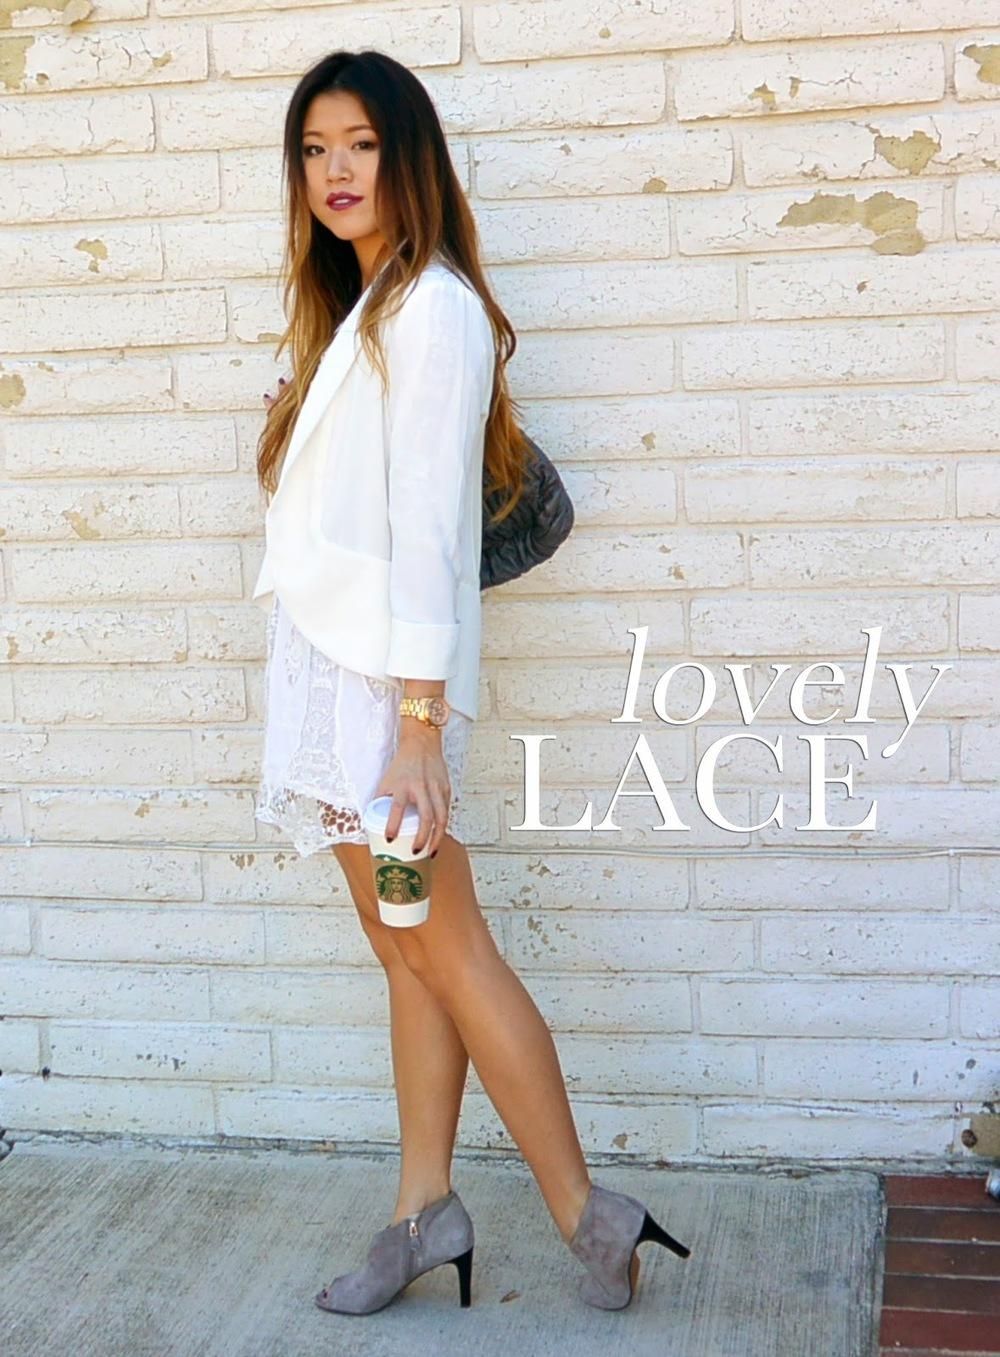 LovelyLaceCover.jpg